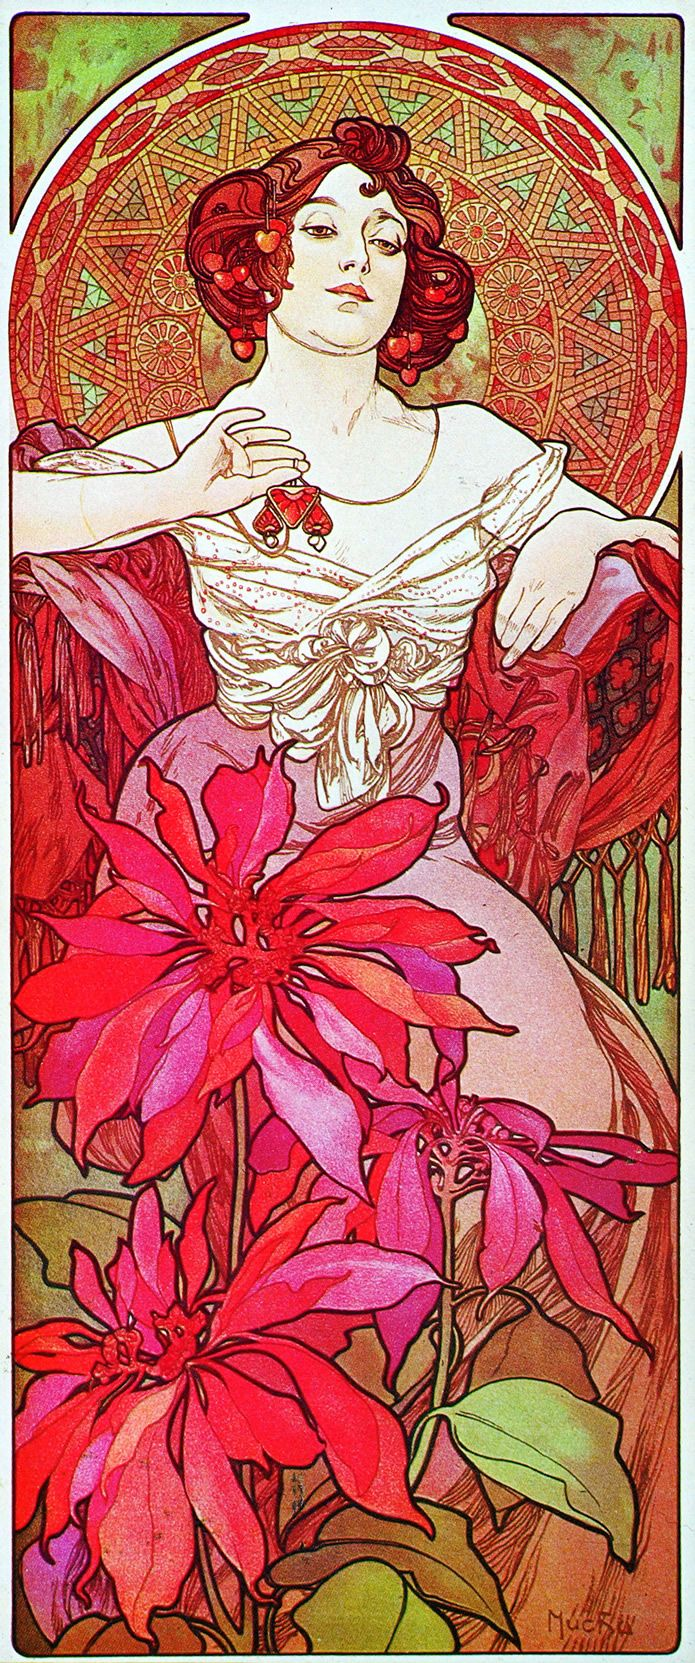 Alphonse Mucha - Ilustraciones art nouveau | Contenton - Información ilustrada revista online